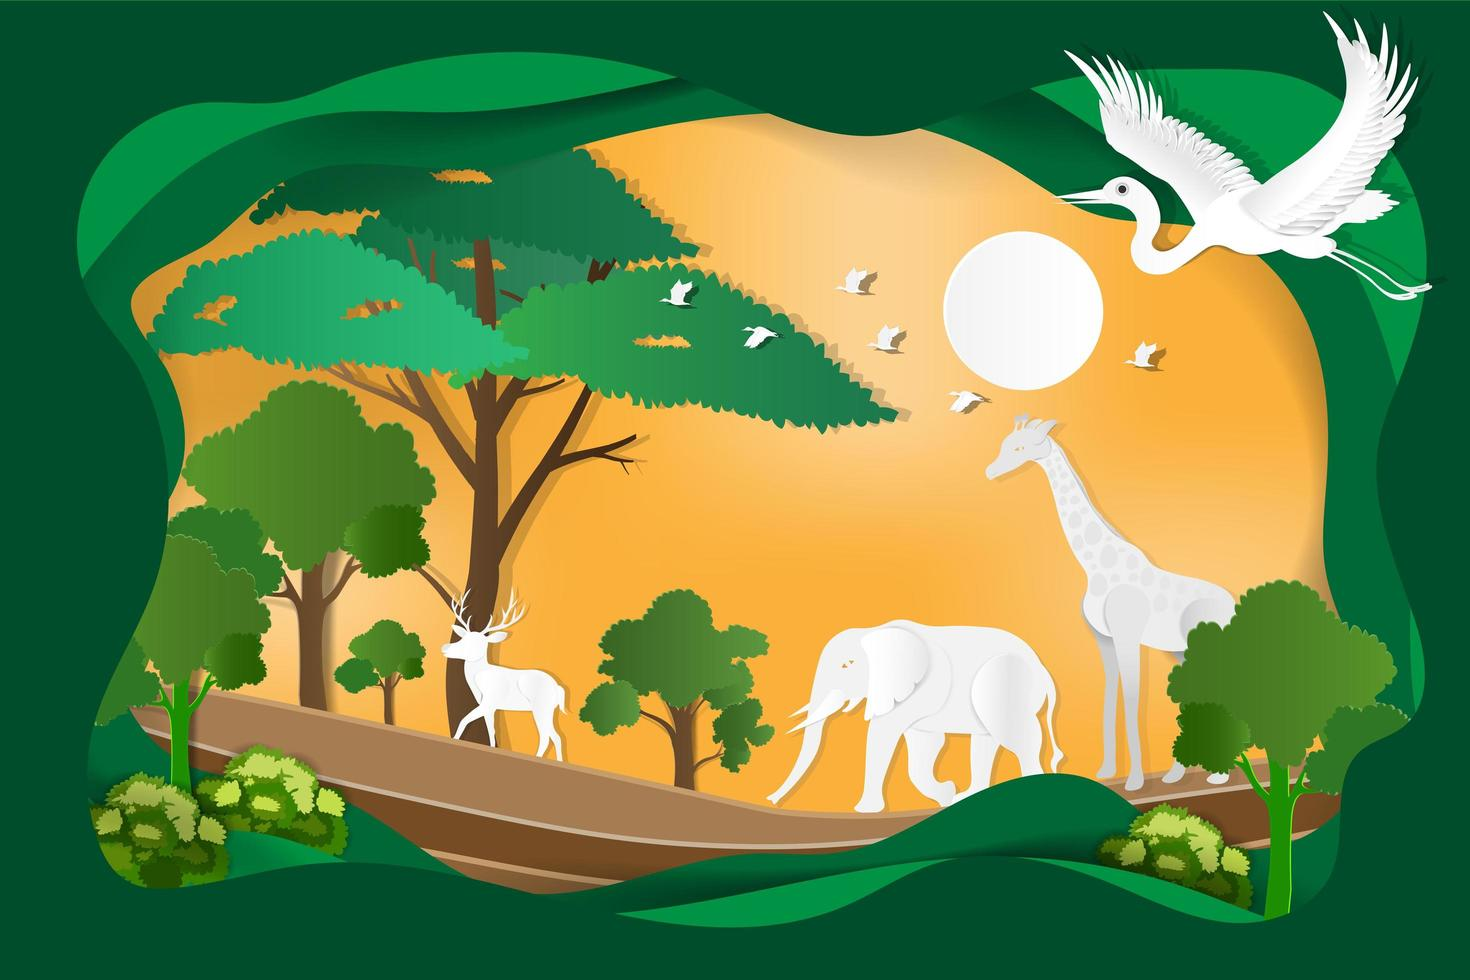 olifanten, giraffen, vogels, herten leven in het bos vector